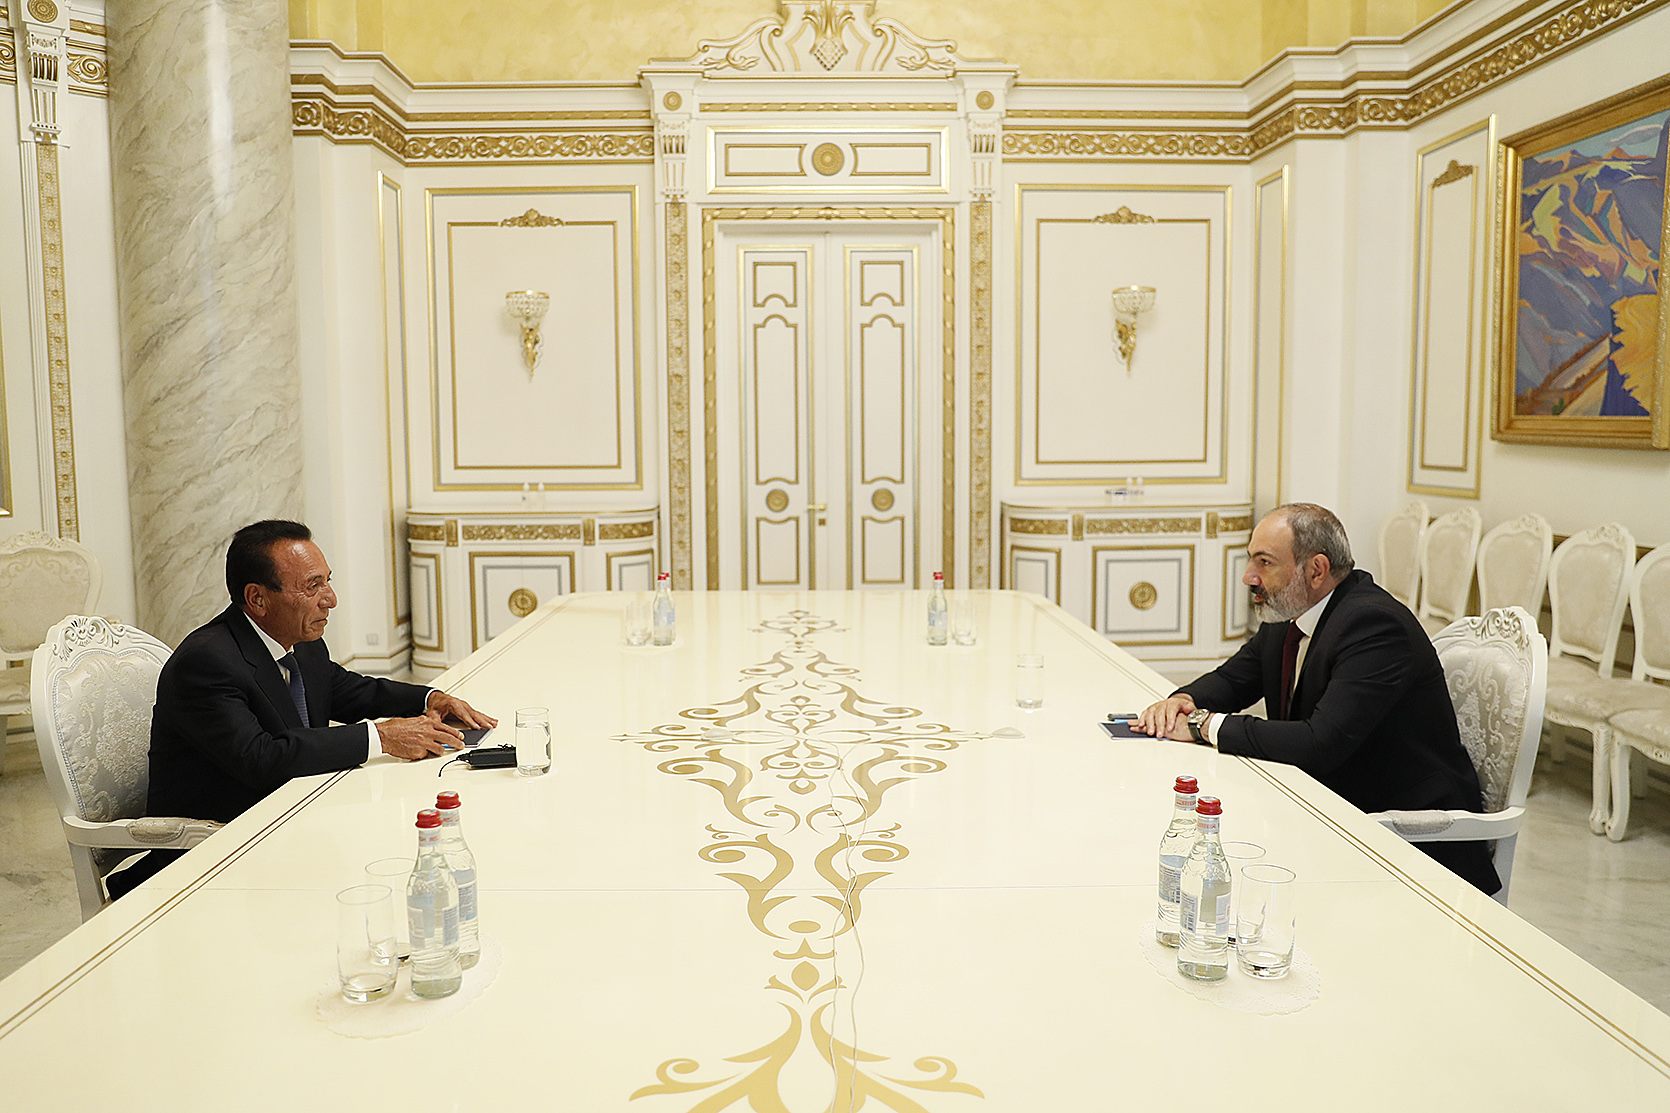 Photo of Նիկոլ Փաշինյանը հանդիպել է ՍԴՀԿ կենտրոնական վարչության ատենապետ Սեդրակ Աճեմյանին